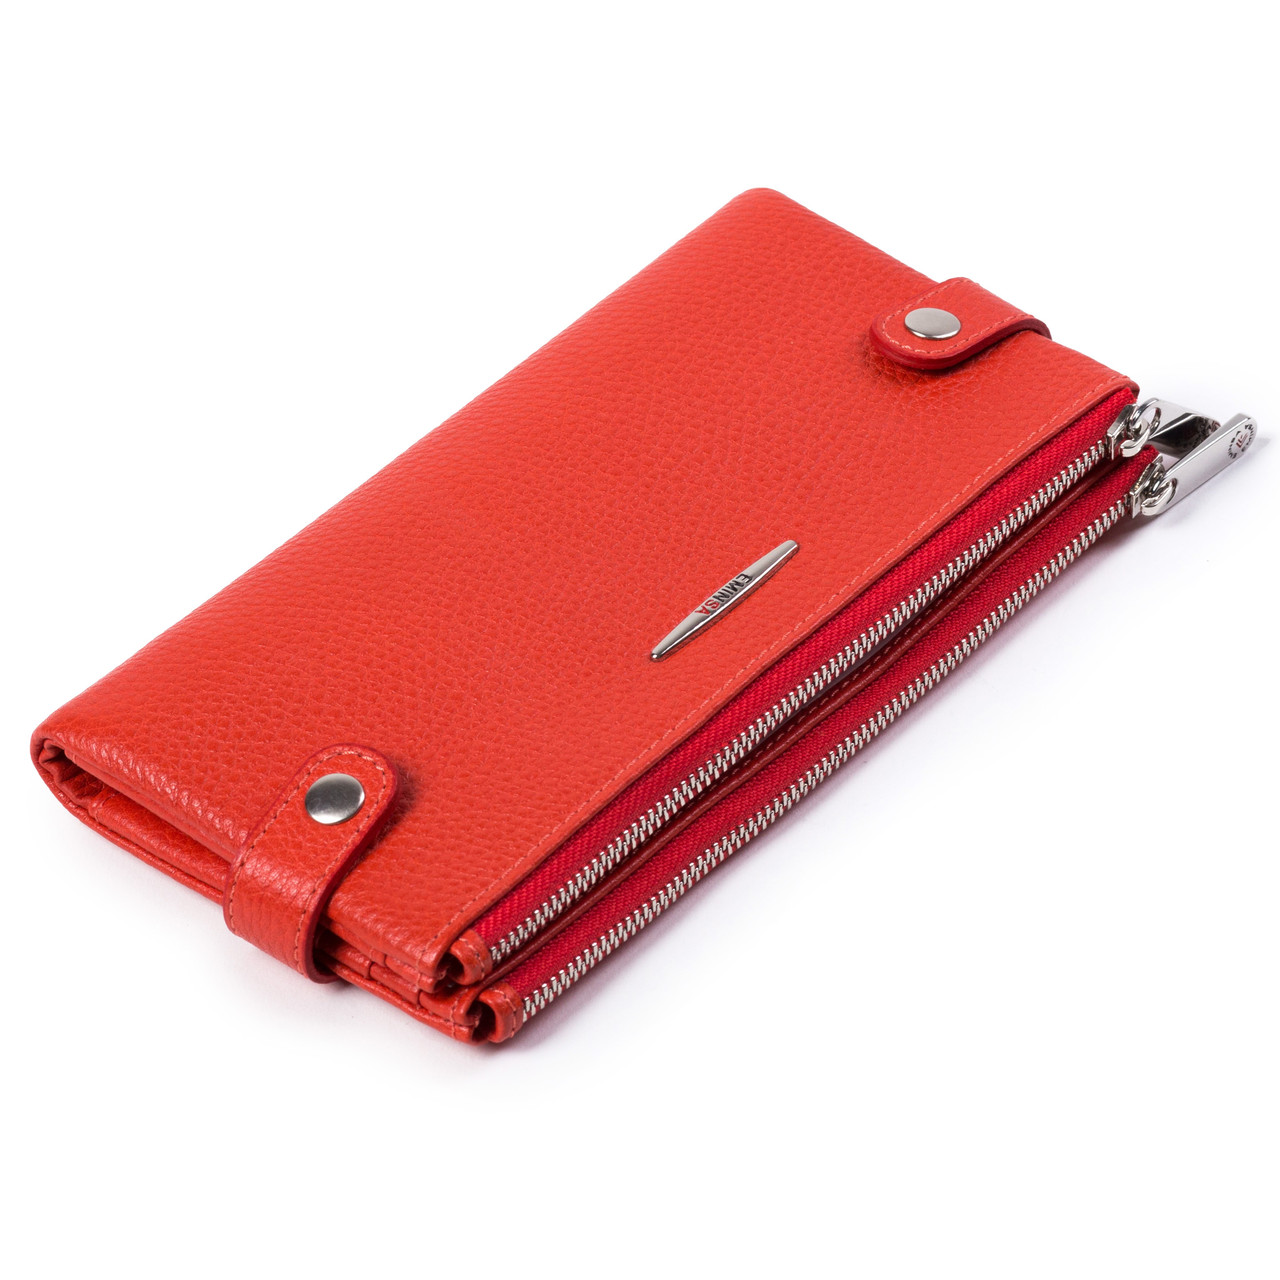 Женский кошелек  кожаный оранжевый Eminsa 2117-18-26